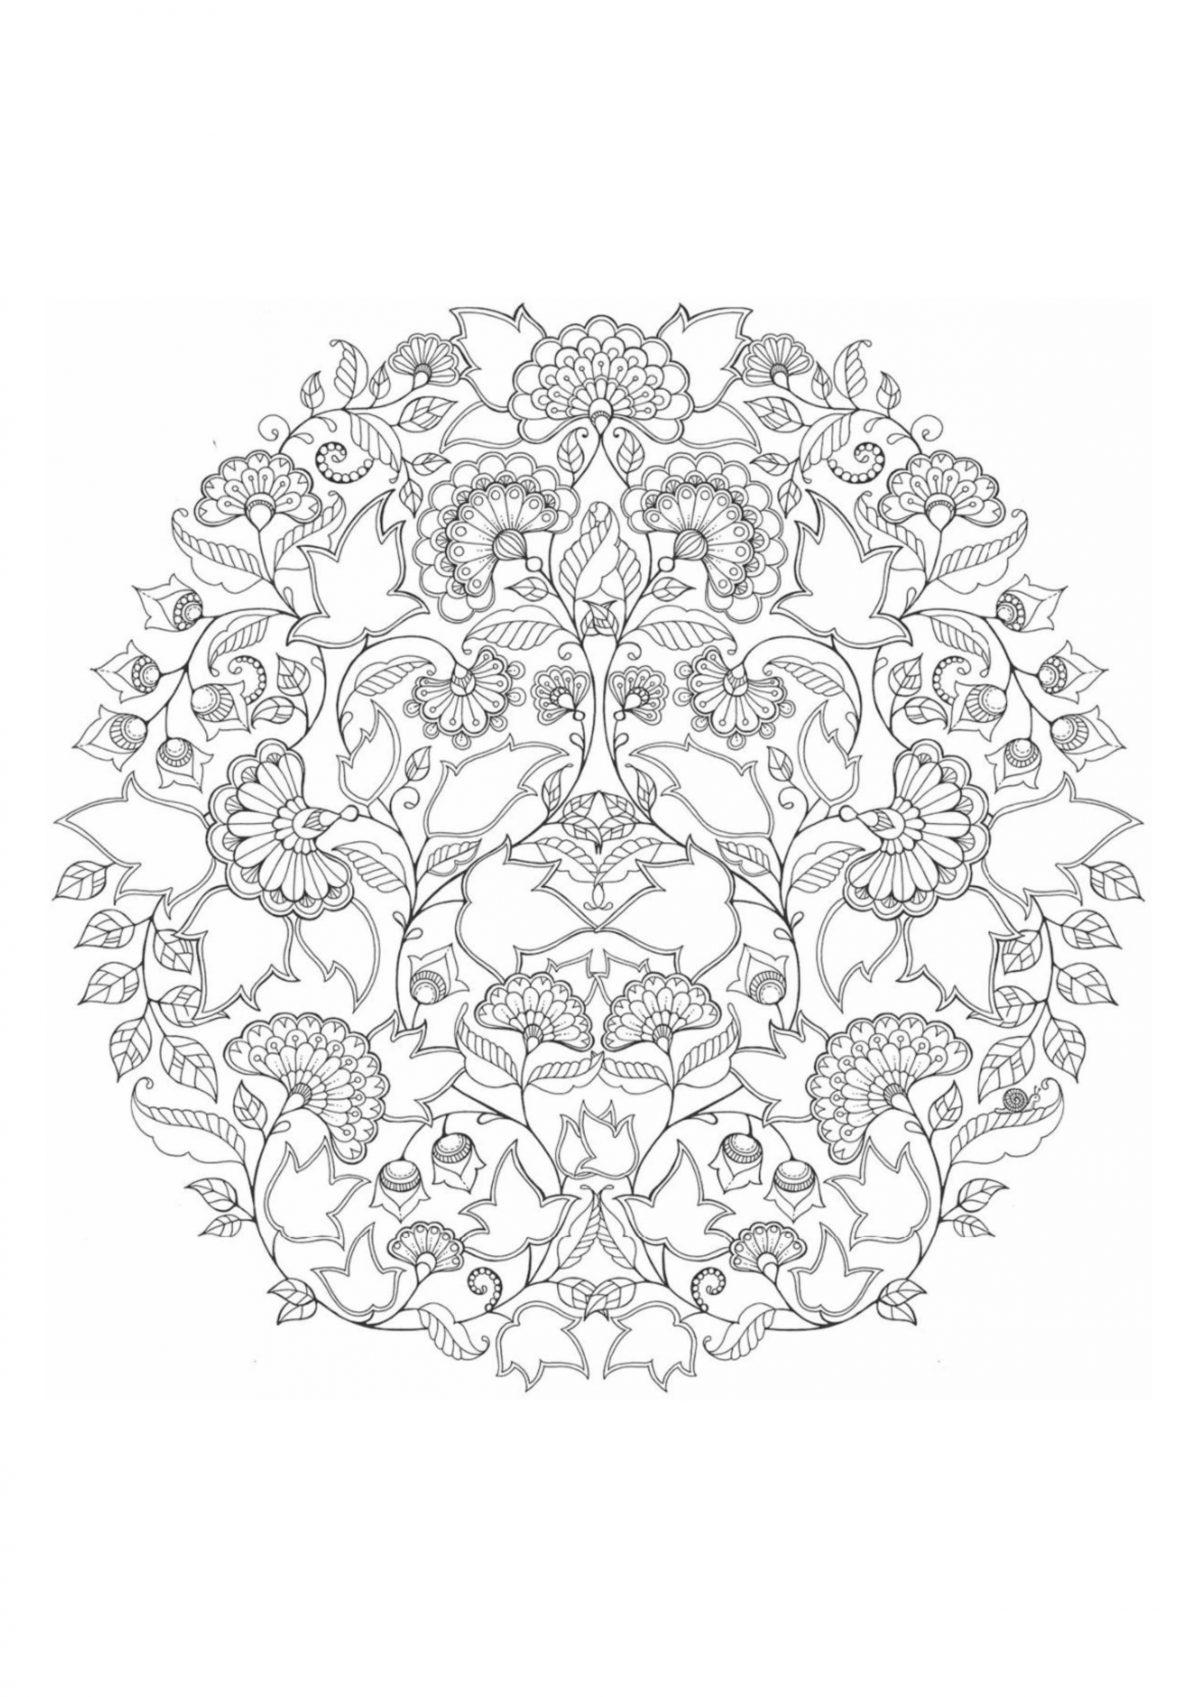 Раскраска антистресс круг с узором - Раскраски А4 формата ...